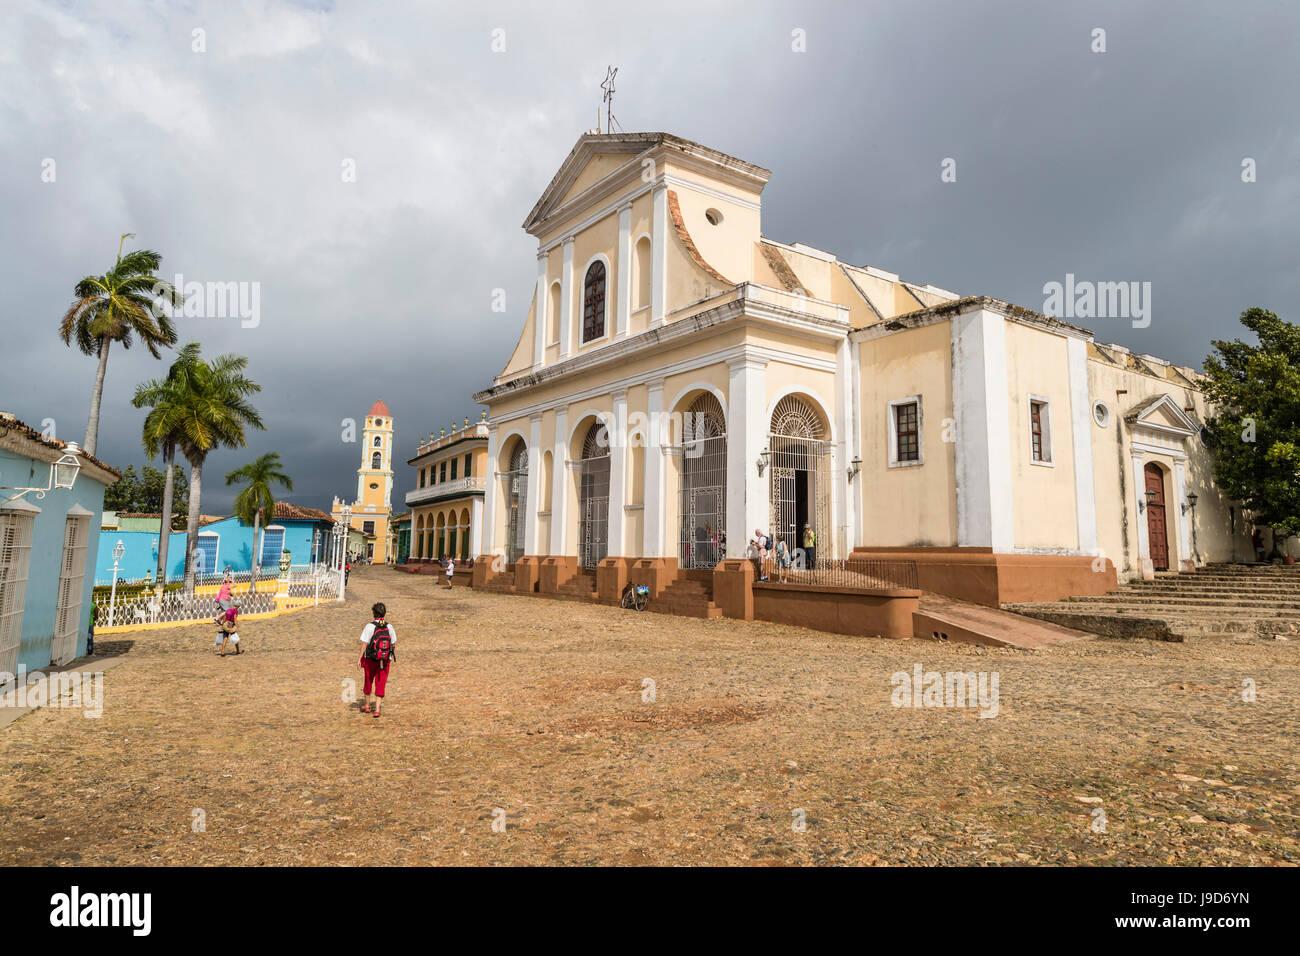 Vue extérieure de l'église paroissiale de la Santisima Trinidad, patrimoine mondial de l'UNESCO, Photo Stock